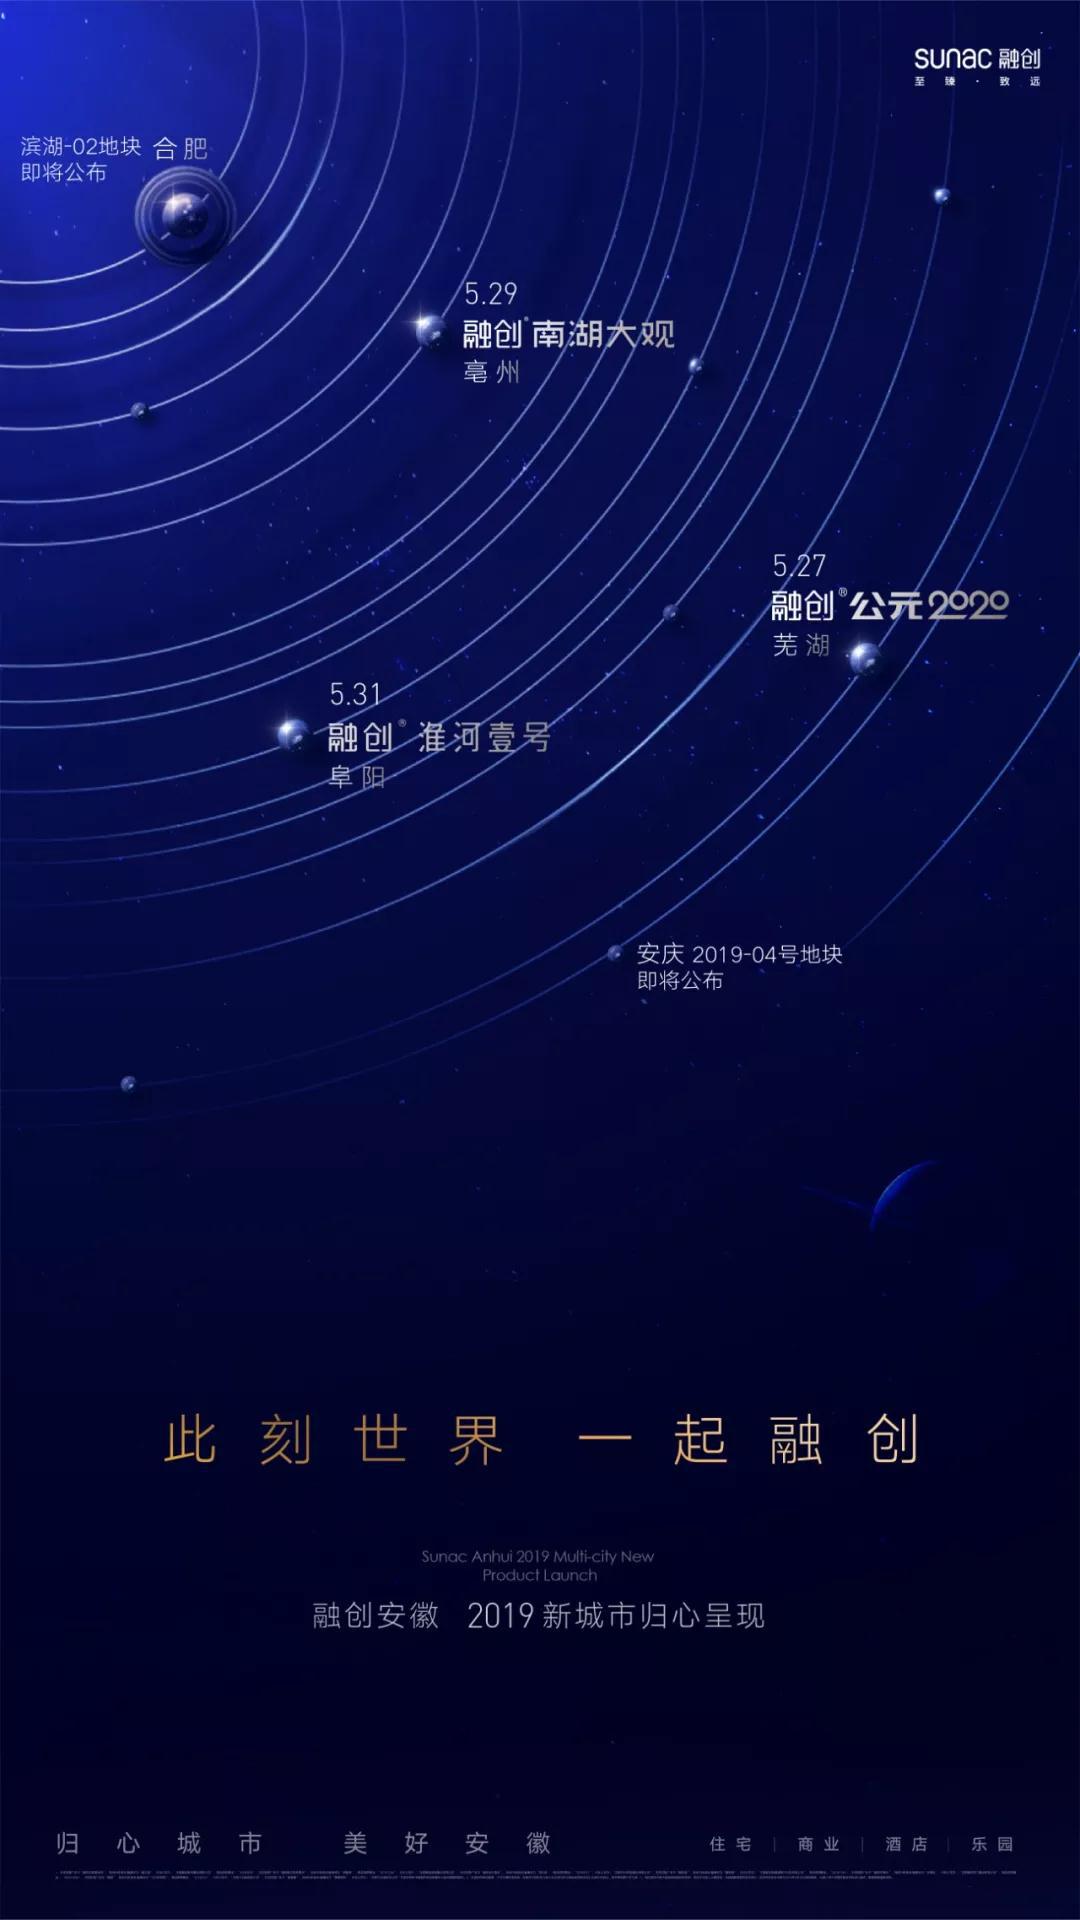 """融创阜阳首作""""淮河壹号"""":超越时代的一切想象-中国网地产"""